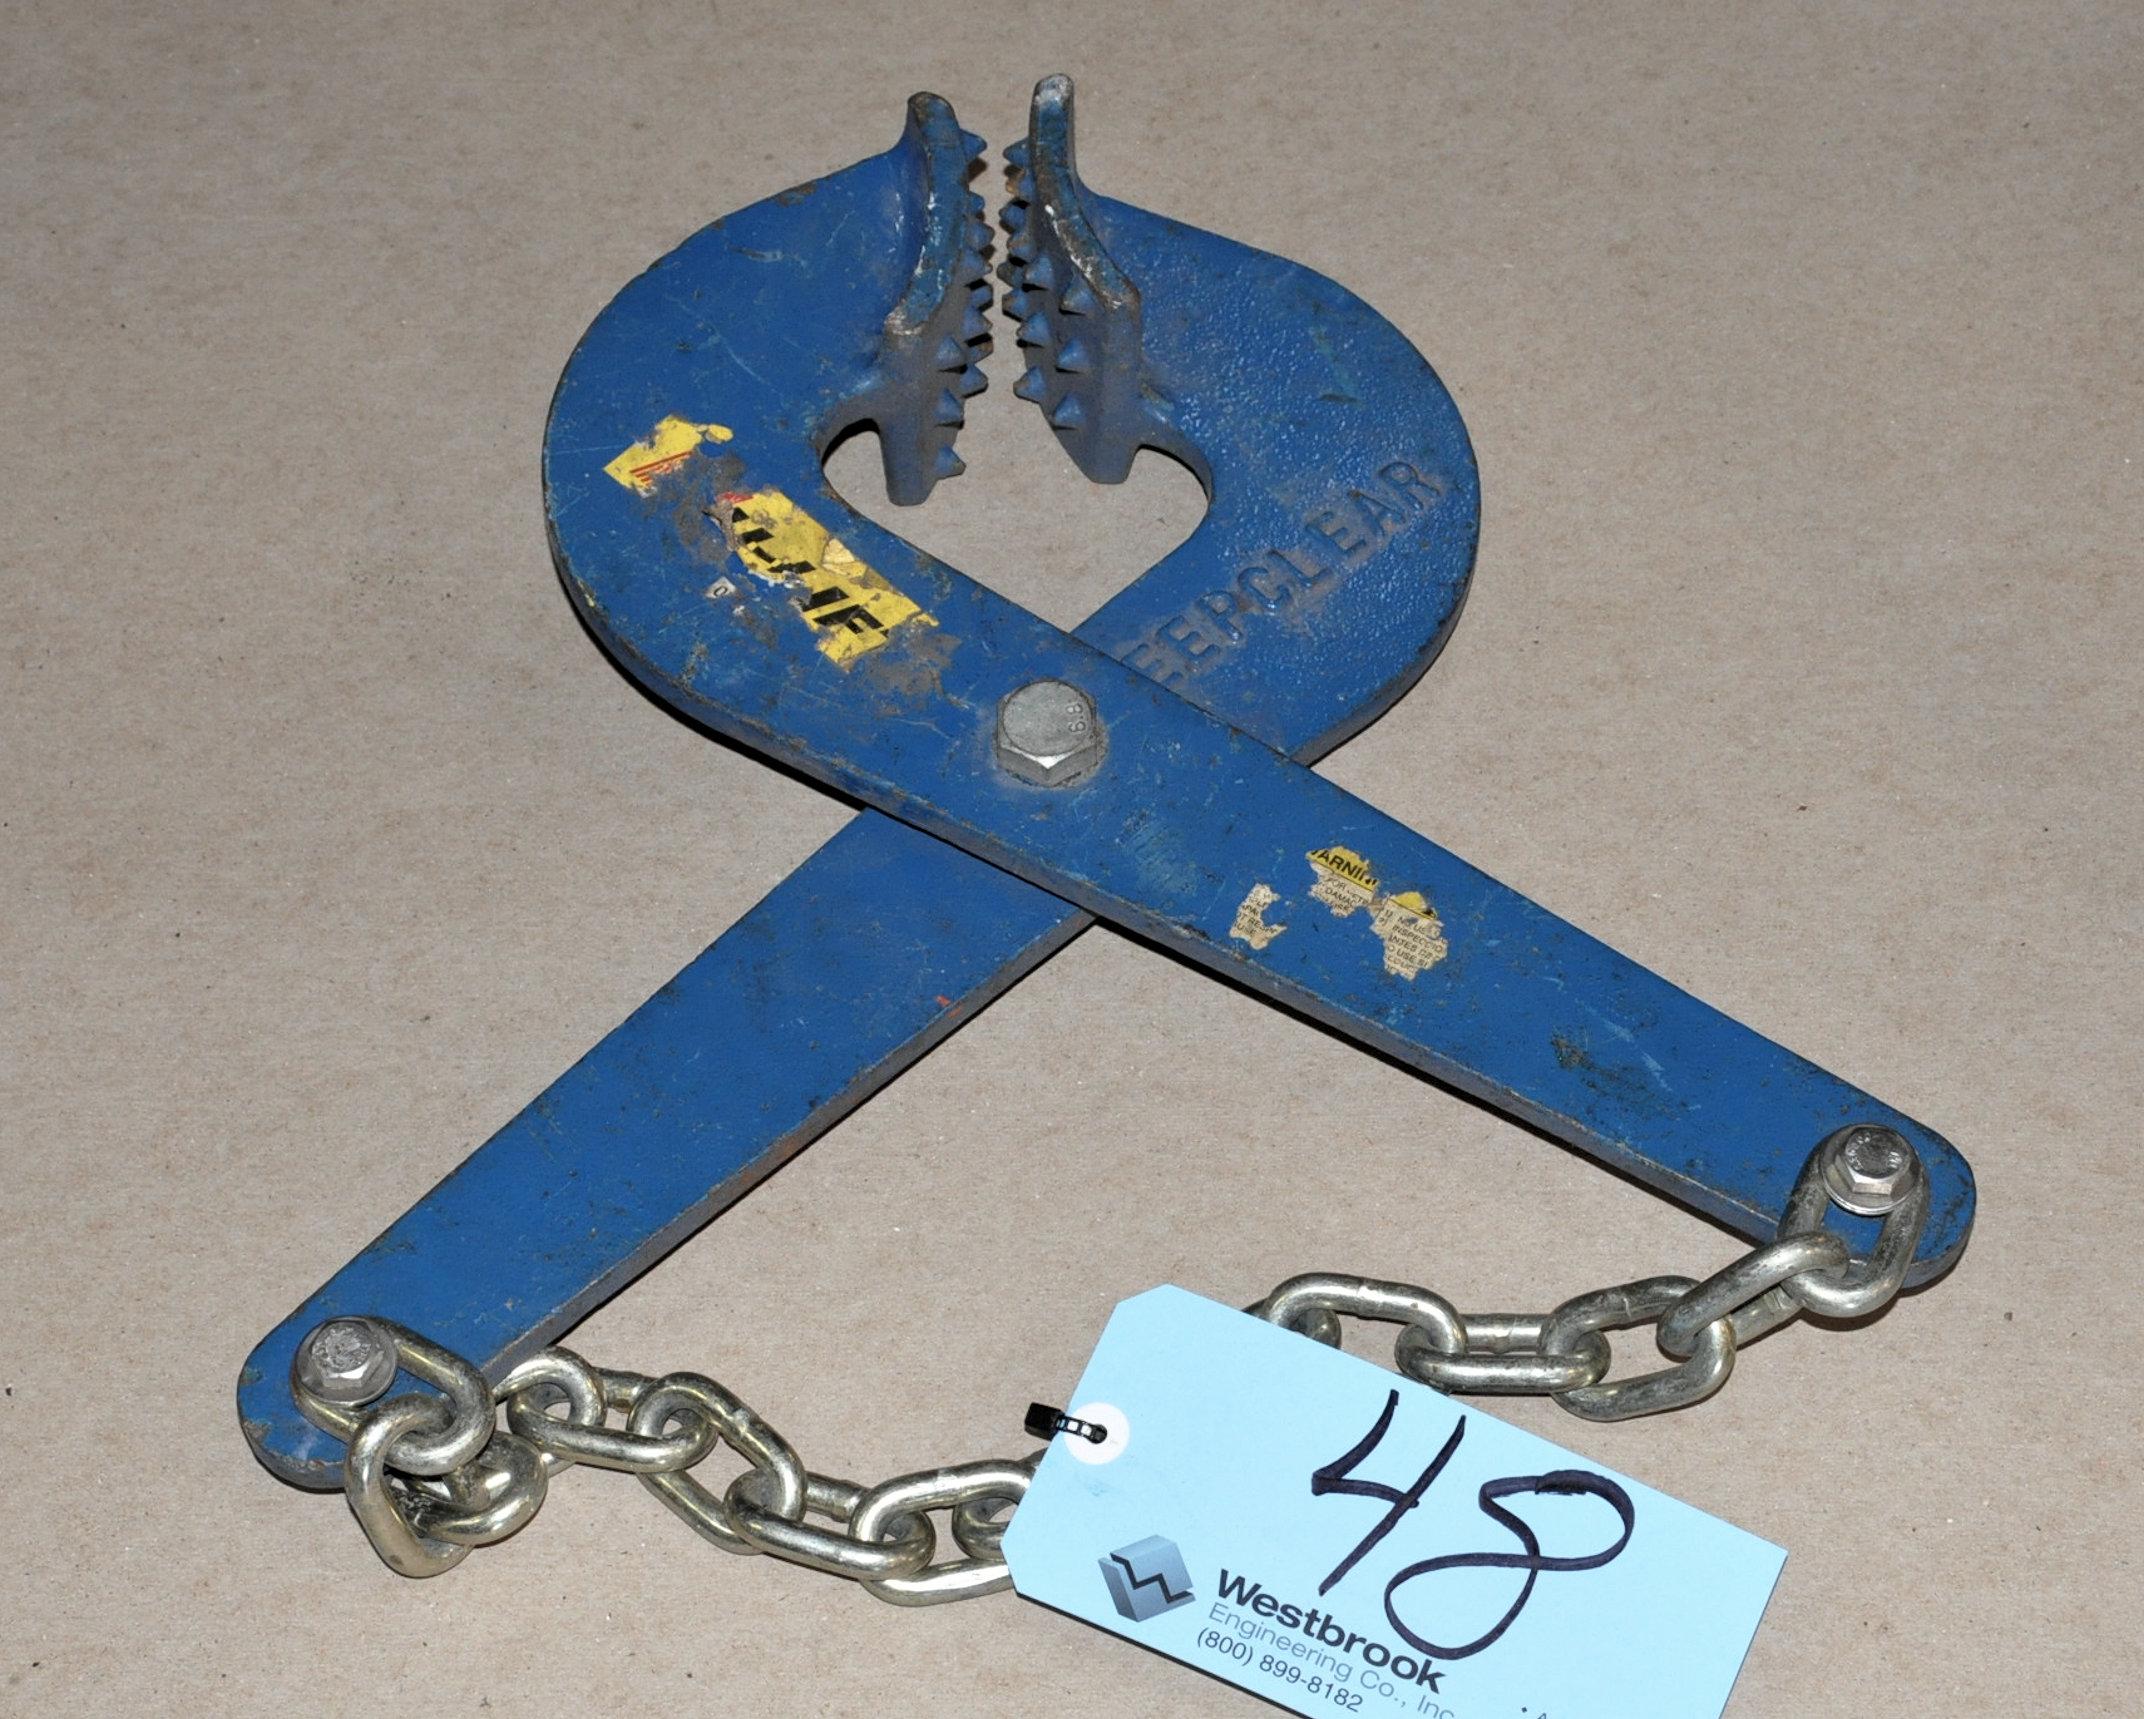 Lot 48 - Blue Pallet Grab